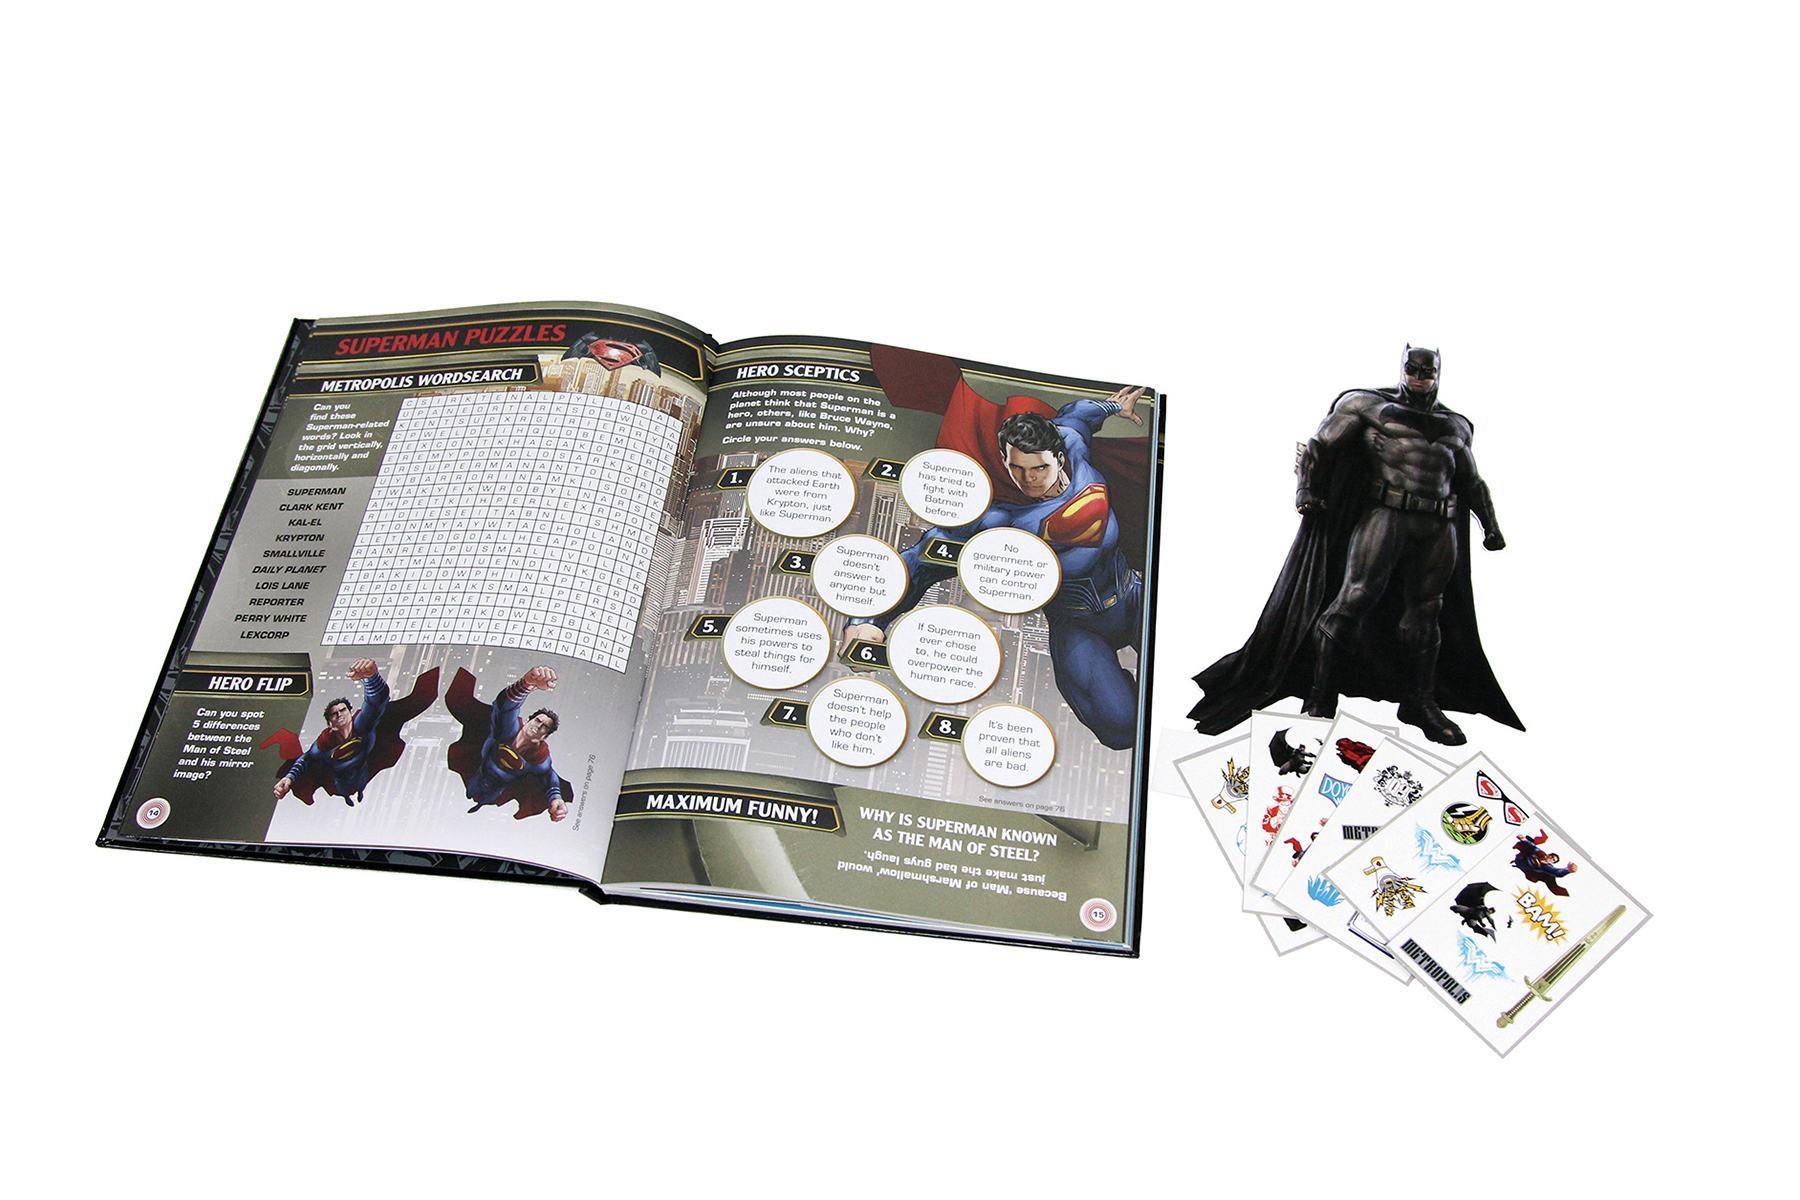 Starlite Children Book - Batman v Superman Sticker Collection Sammeln Trivia Book Buch Trivial Wissen Knowledge 2 On-Pack Co-Pack Druck Print Verpackung Schachtel Karton Packaging Box Starlite Veredelung Finish UV-Lack Colour 4c